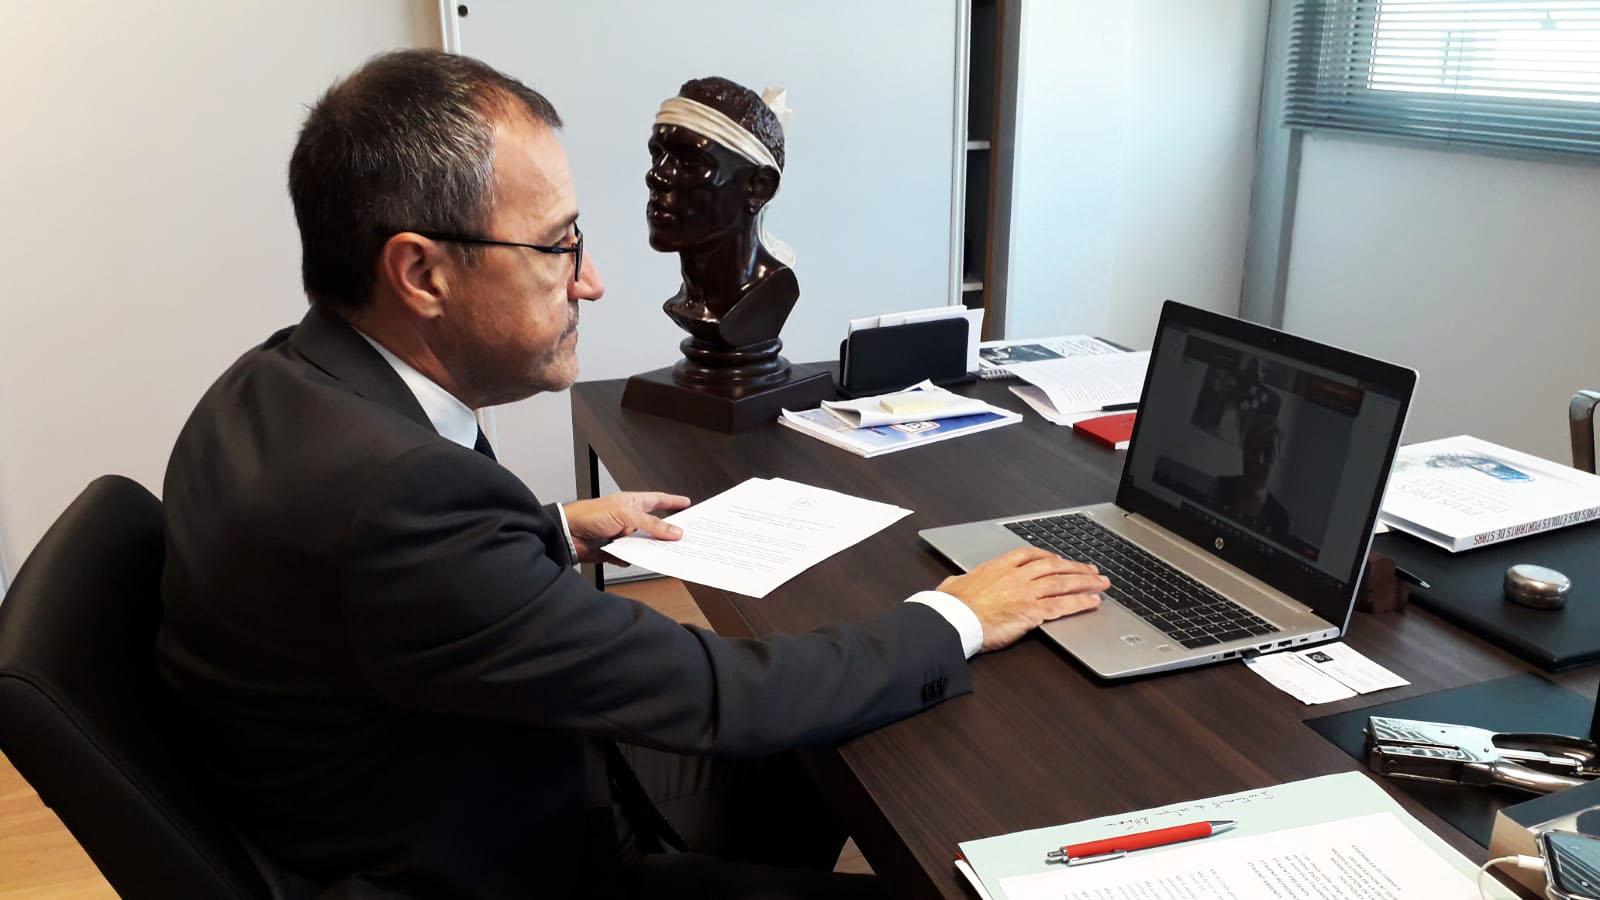 Le Président Jean-Guy Talamoni a présenté les initiatives de l'Assemblée de Corse